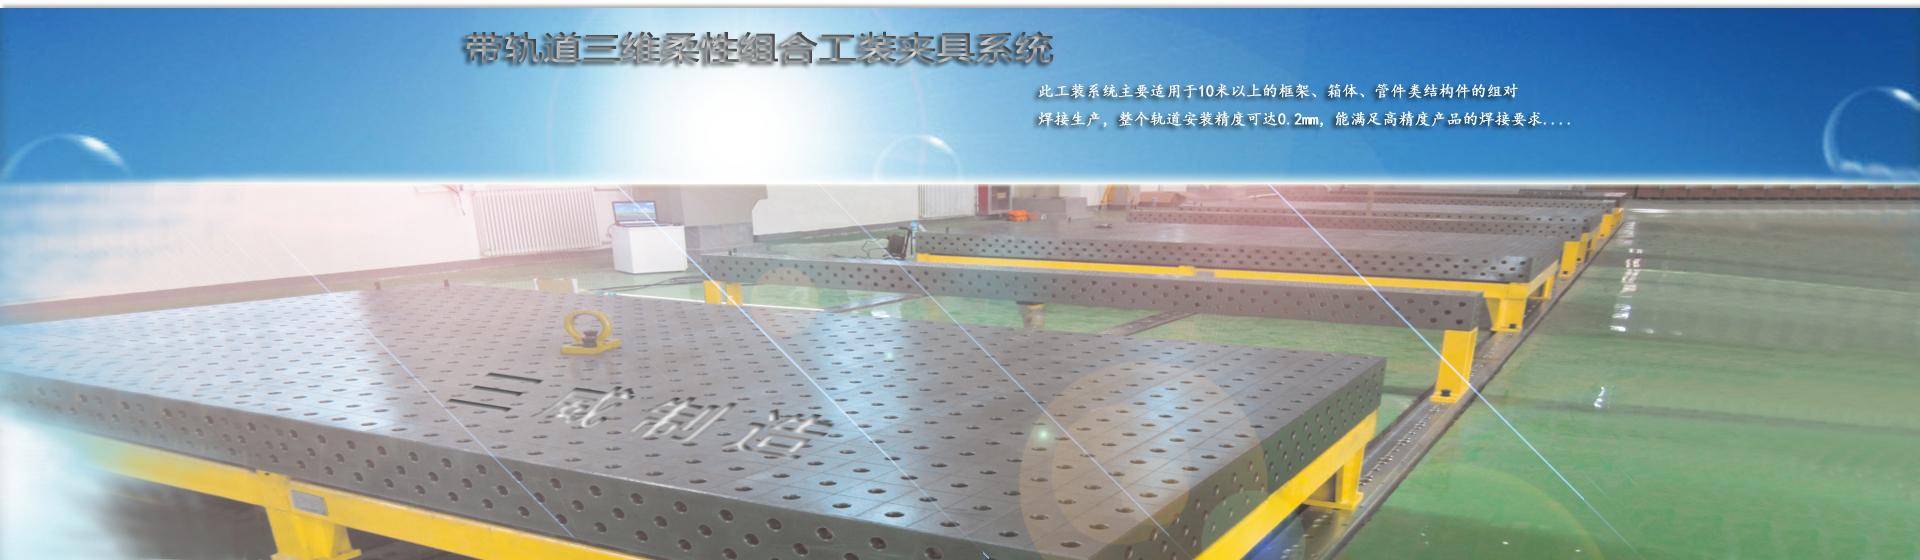 """三维柔性组合工装平台夹具-中国""""戴美乐"""""""